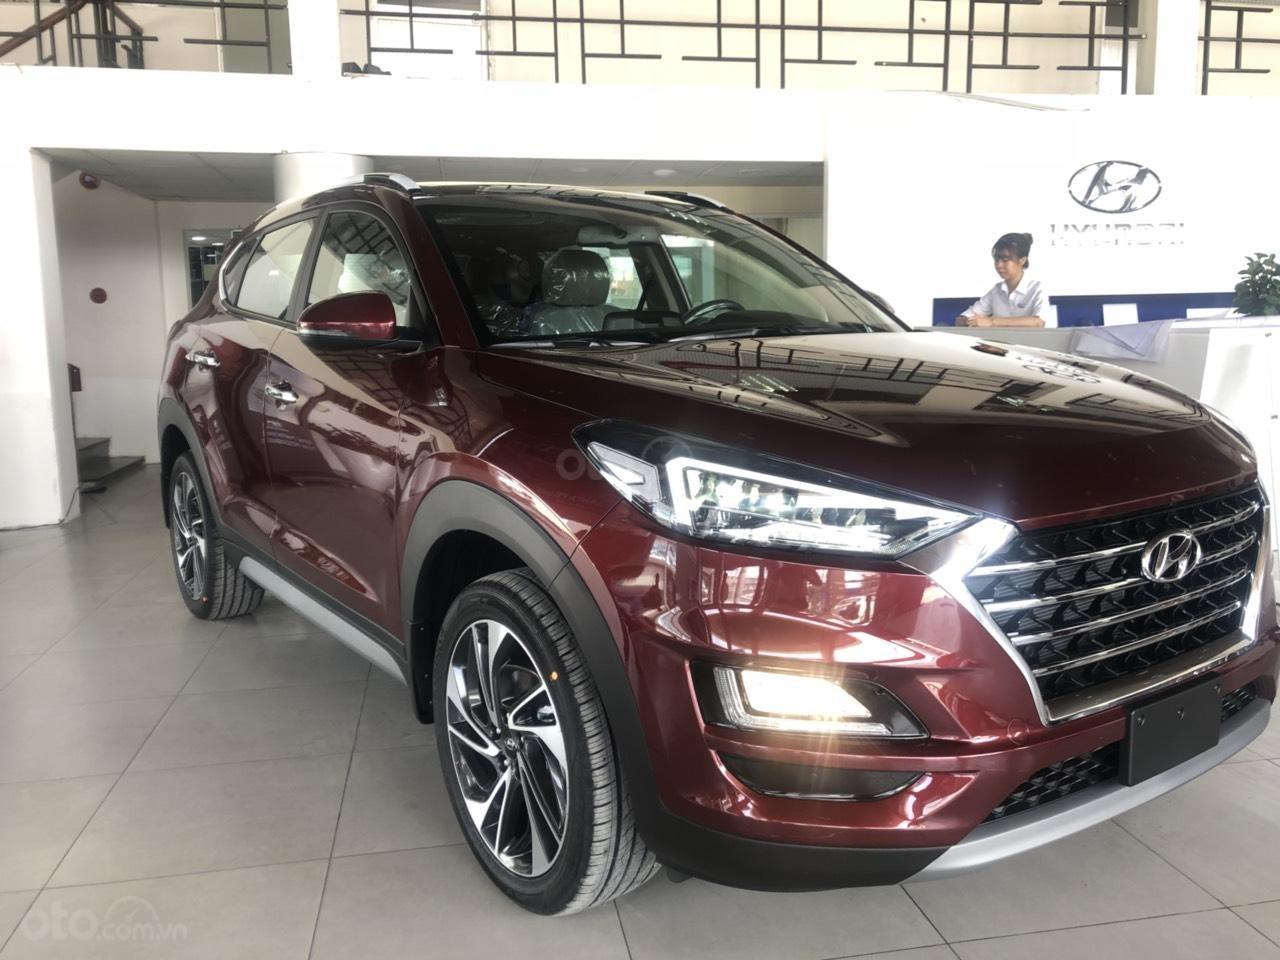 Tucson facelift 2019 đủ màu, xe giao ngay liên hệ ☎ 0358406866 Phương-0